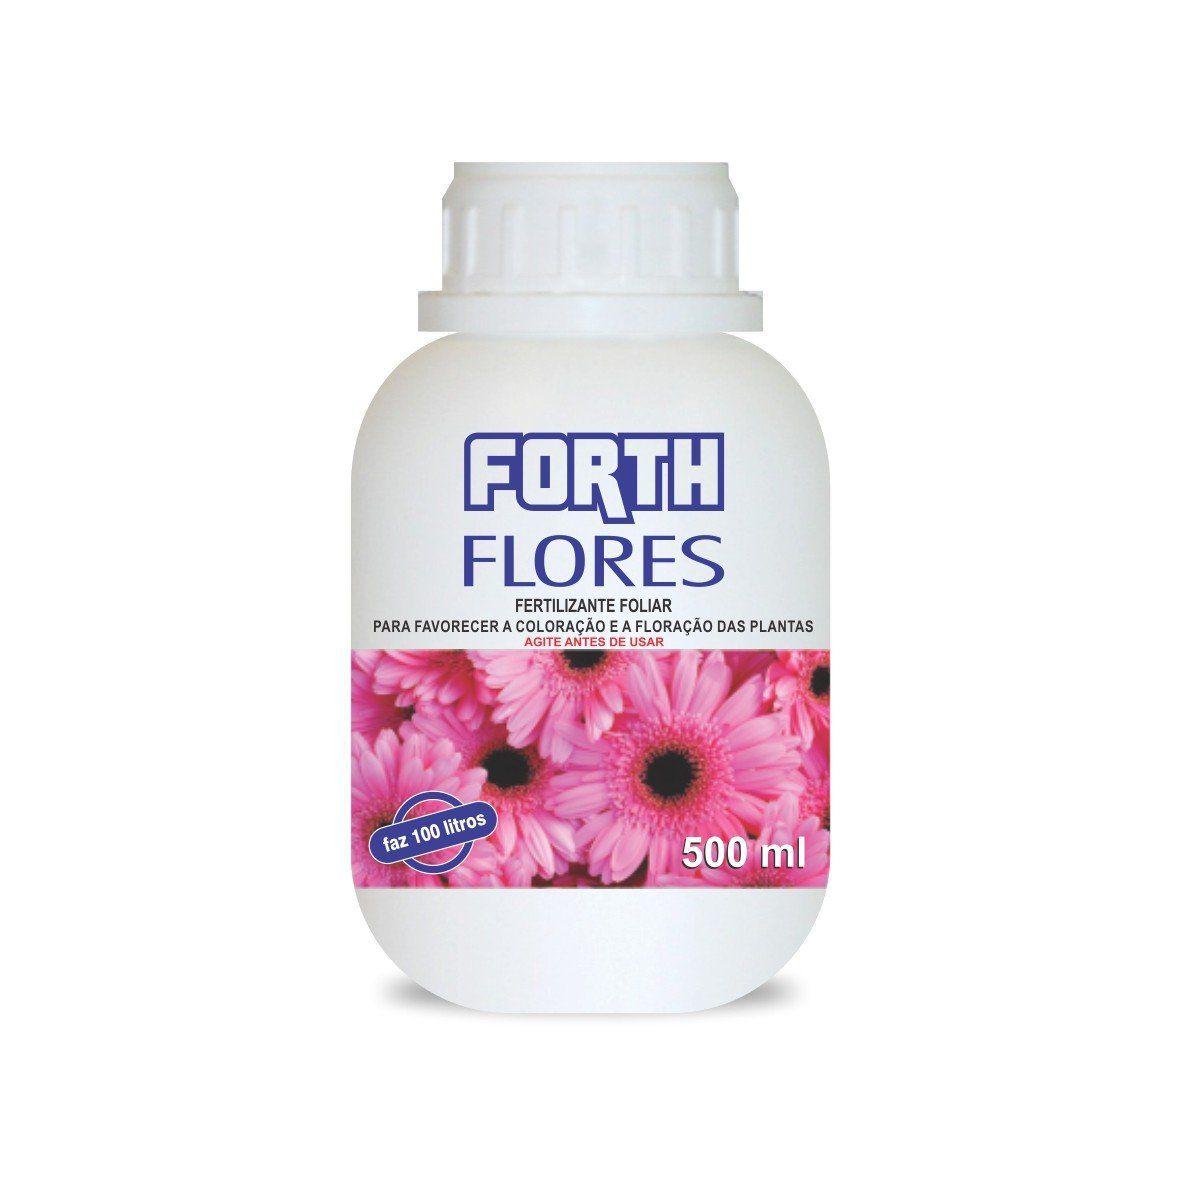 Adubo Fertilizante para Flores - FORTH Flores - 500ml Faz 100 Litros